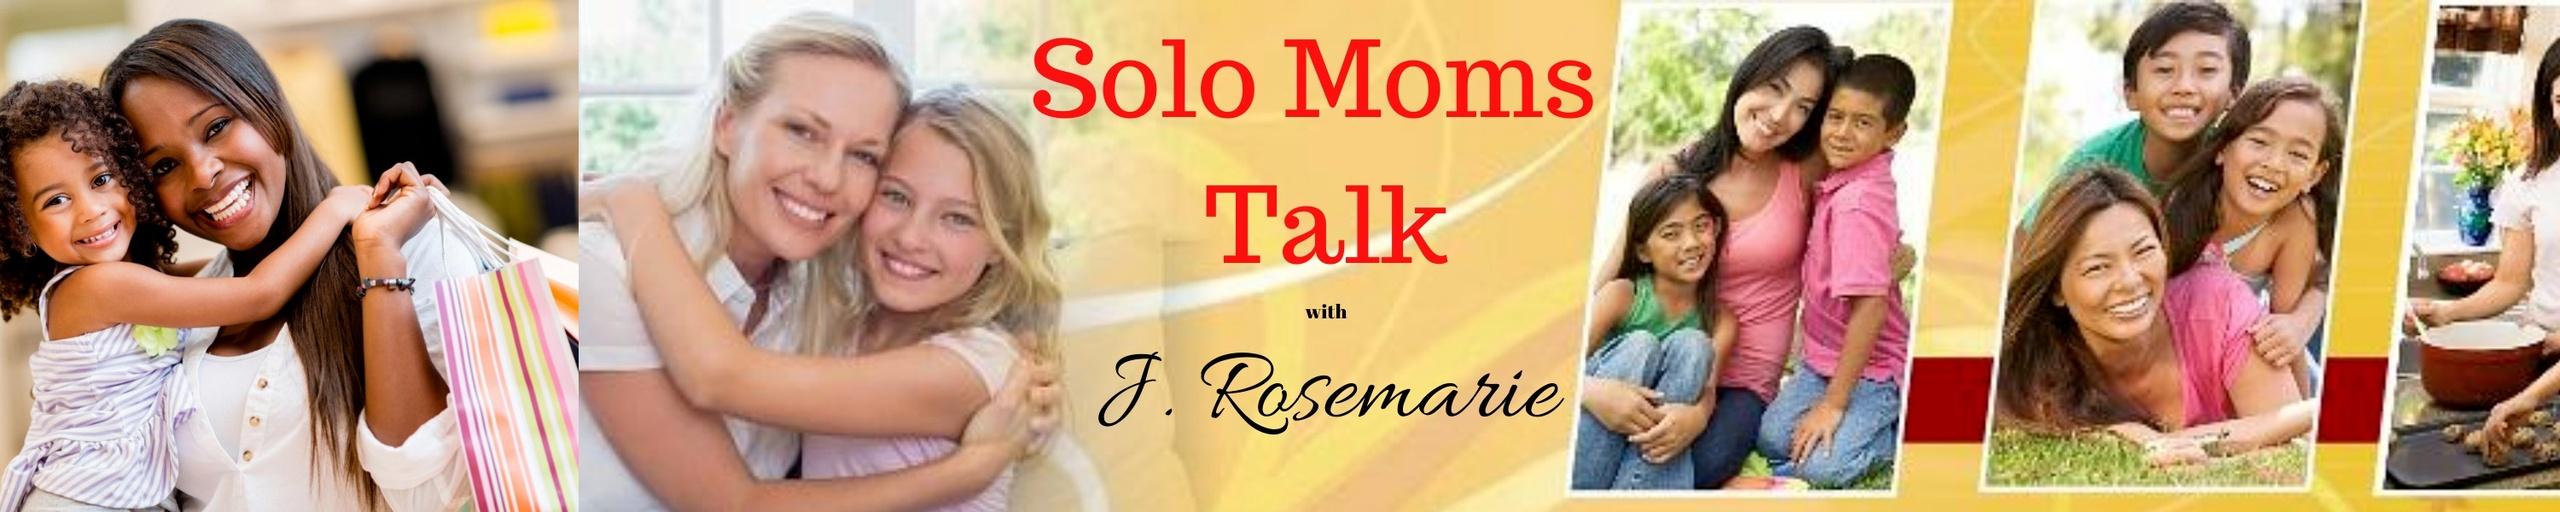 solo-moms-talk